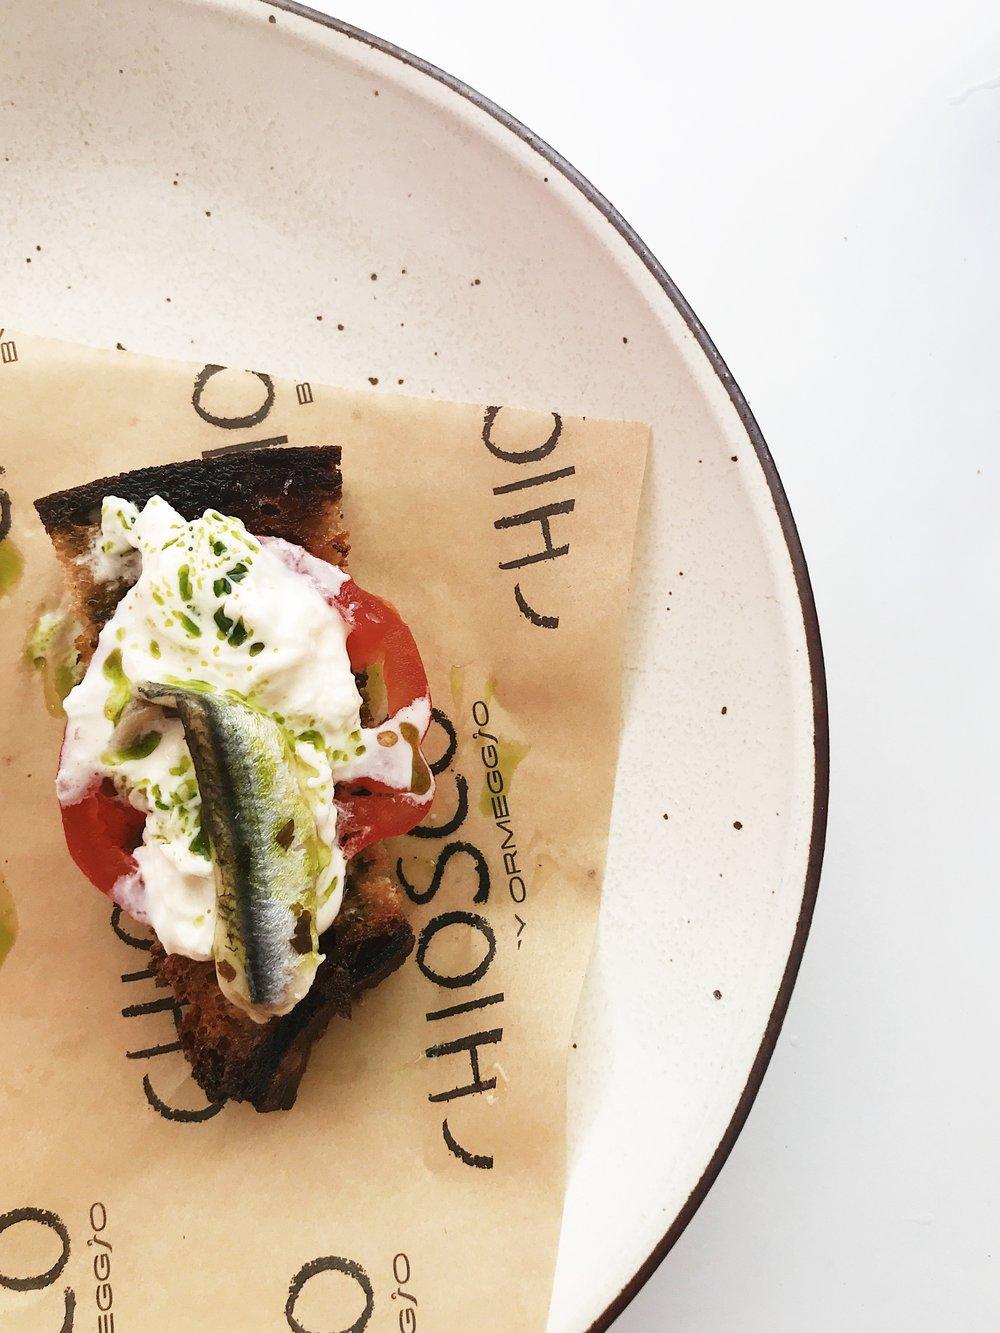 Bruscetta caprese: Sourdough, oxheart tomato, stracciatella, white anchovy.